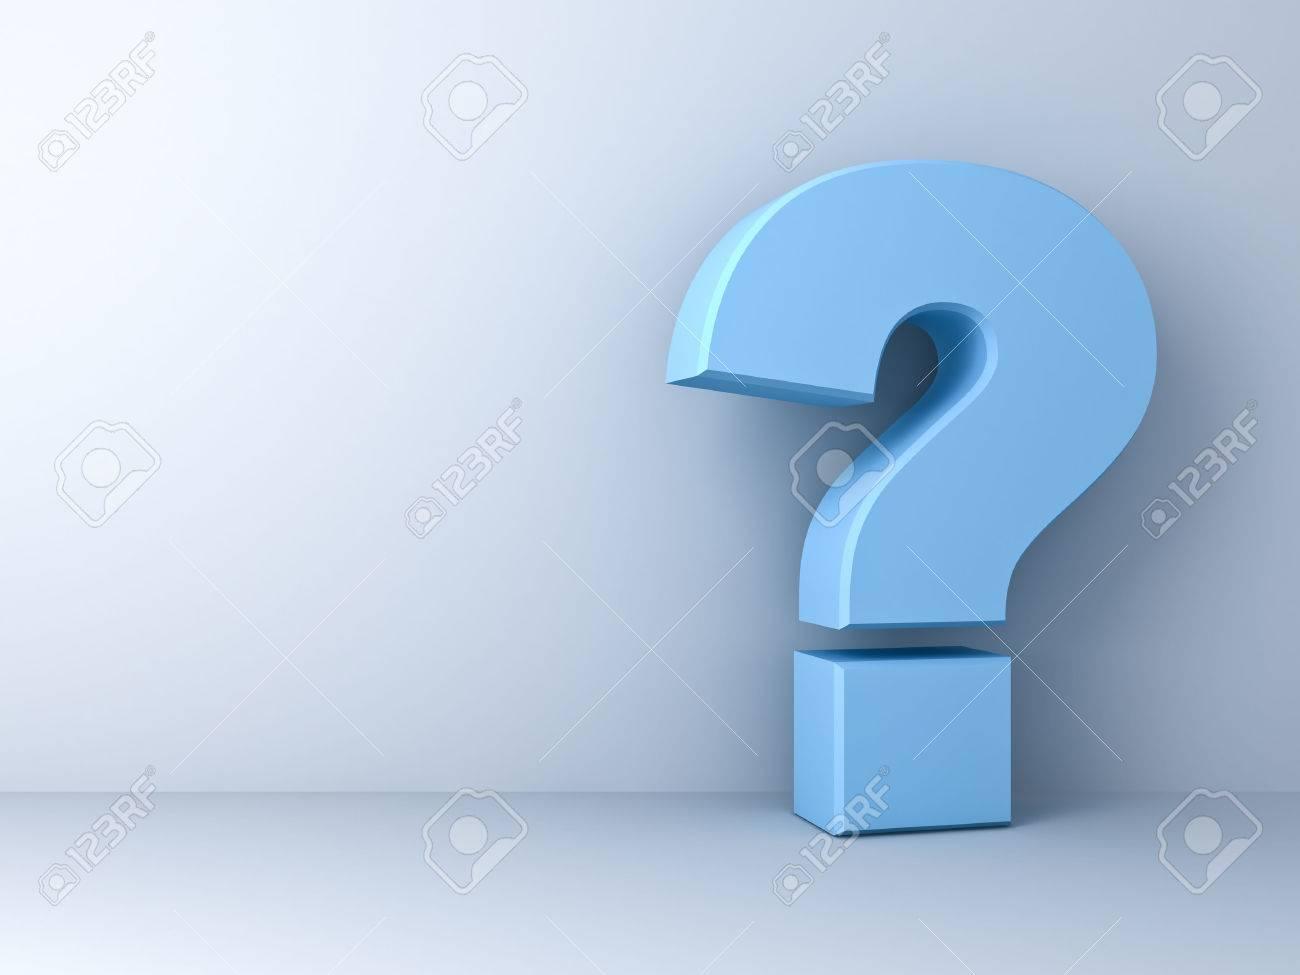 Point d'interrogation sur fond blanc Banque d'images - 41823466